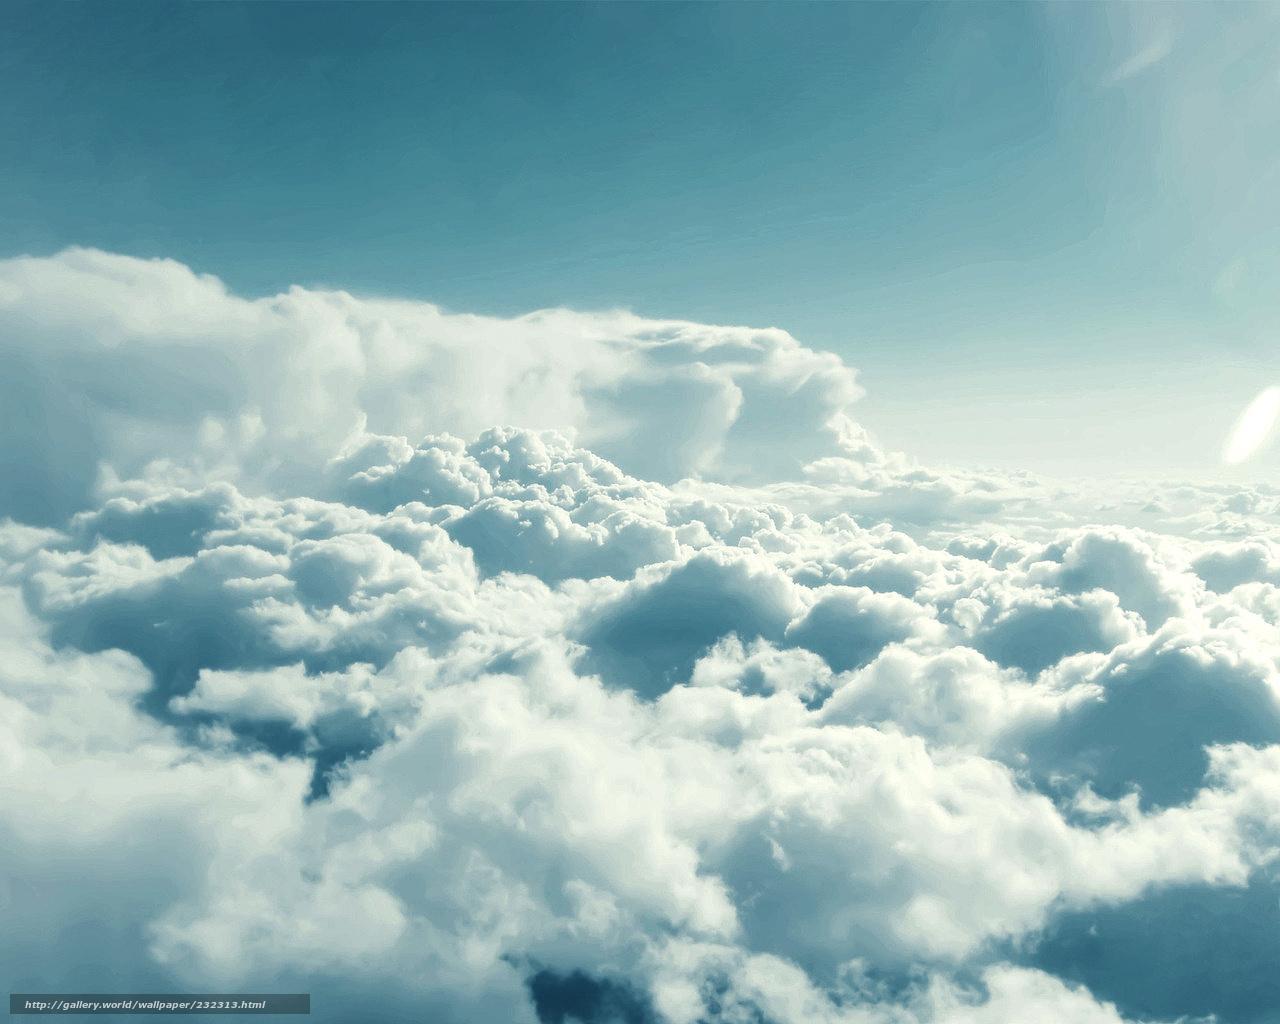 tlcharger fond d 39 ecran ciel nuages hdr fonds d 39 ecran gratuits pour votre rsolution du bureau. Black Bedroom Furniture Sets. Home Design Ideas